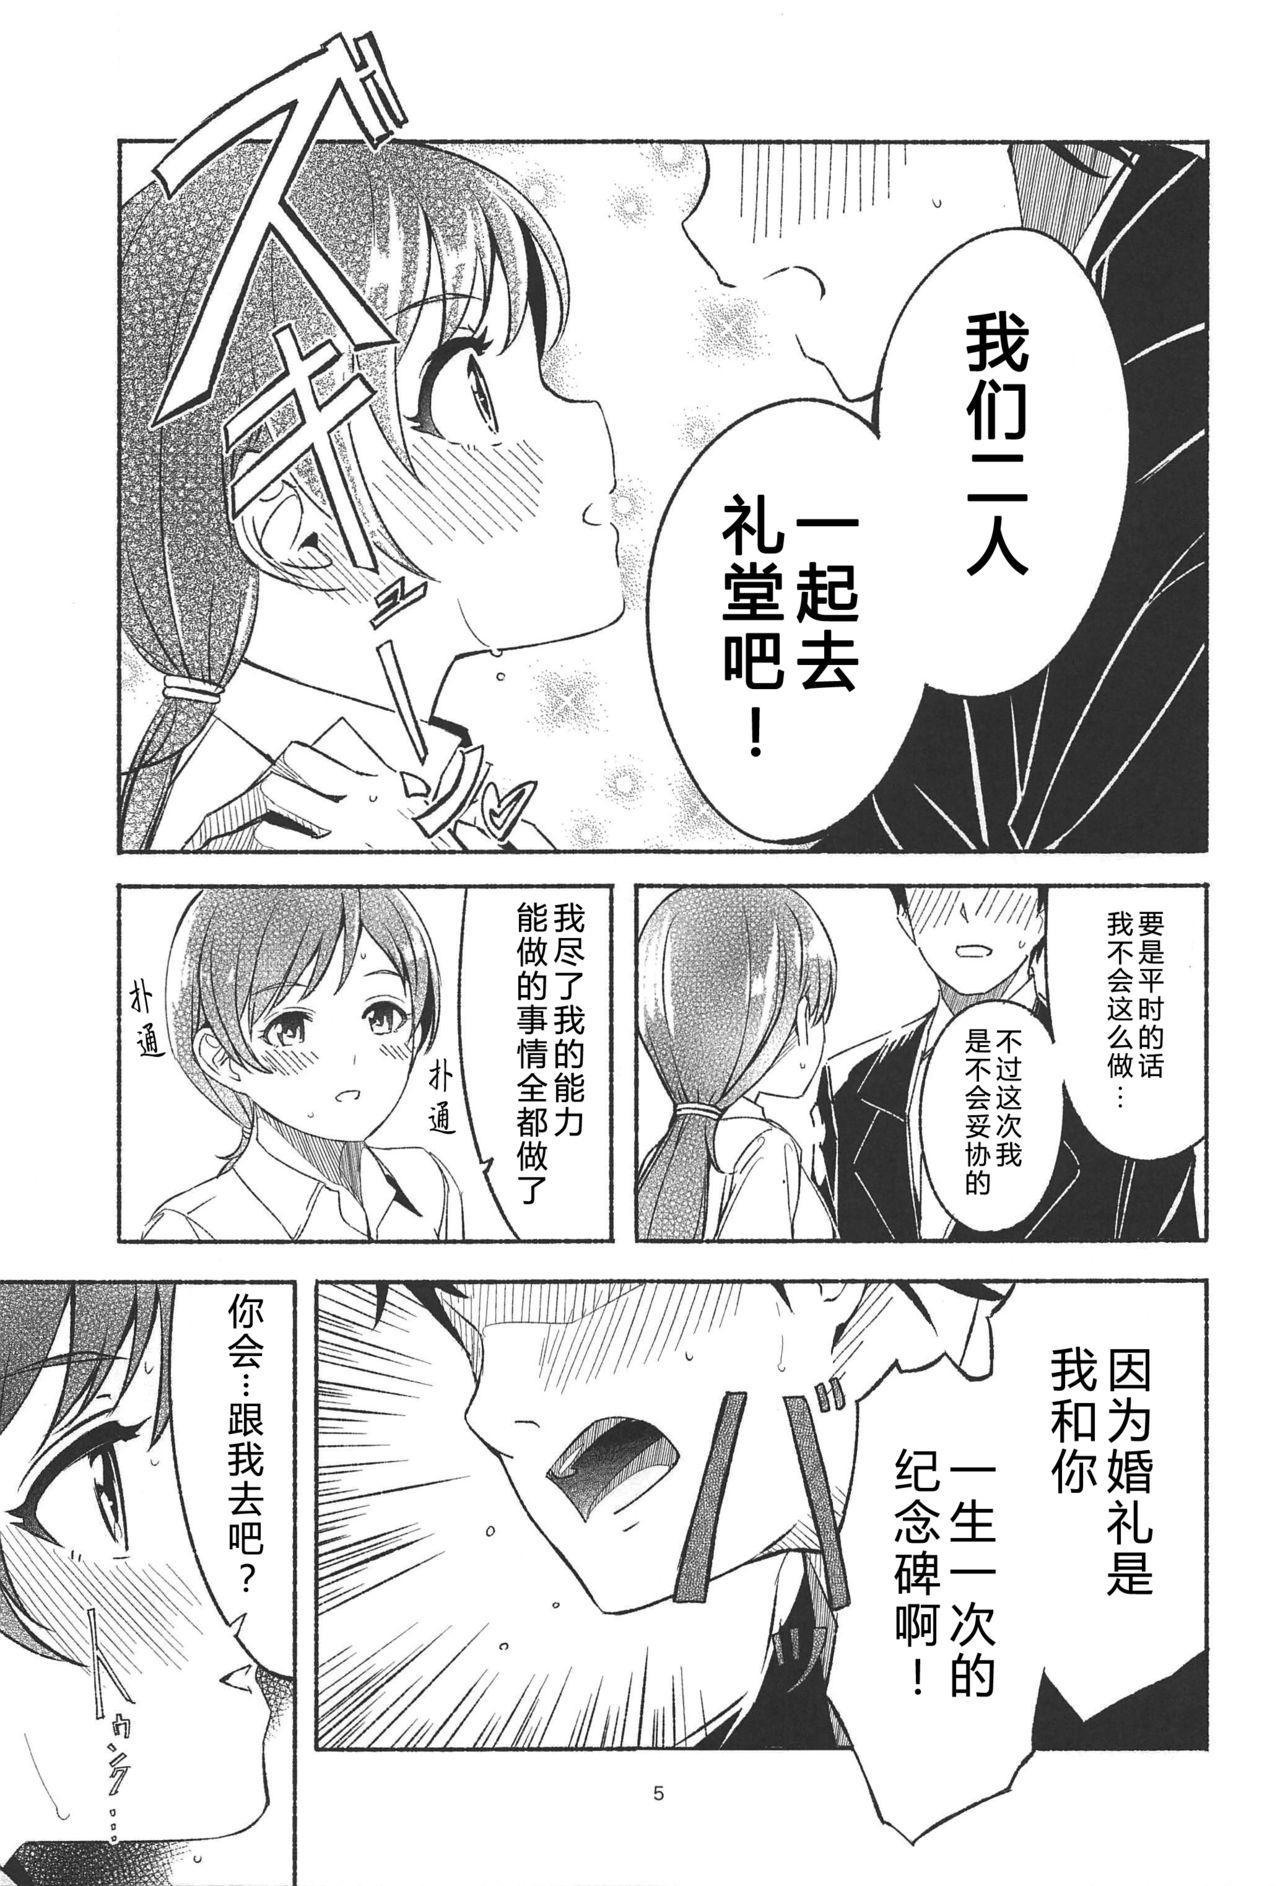 Nagisa no Hanayome 6